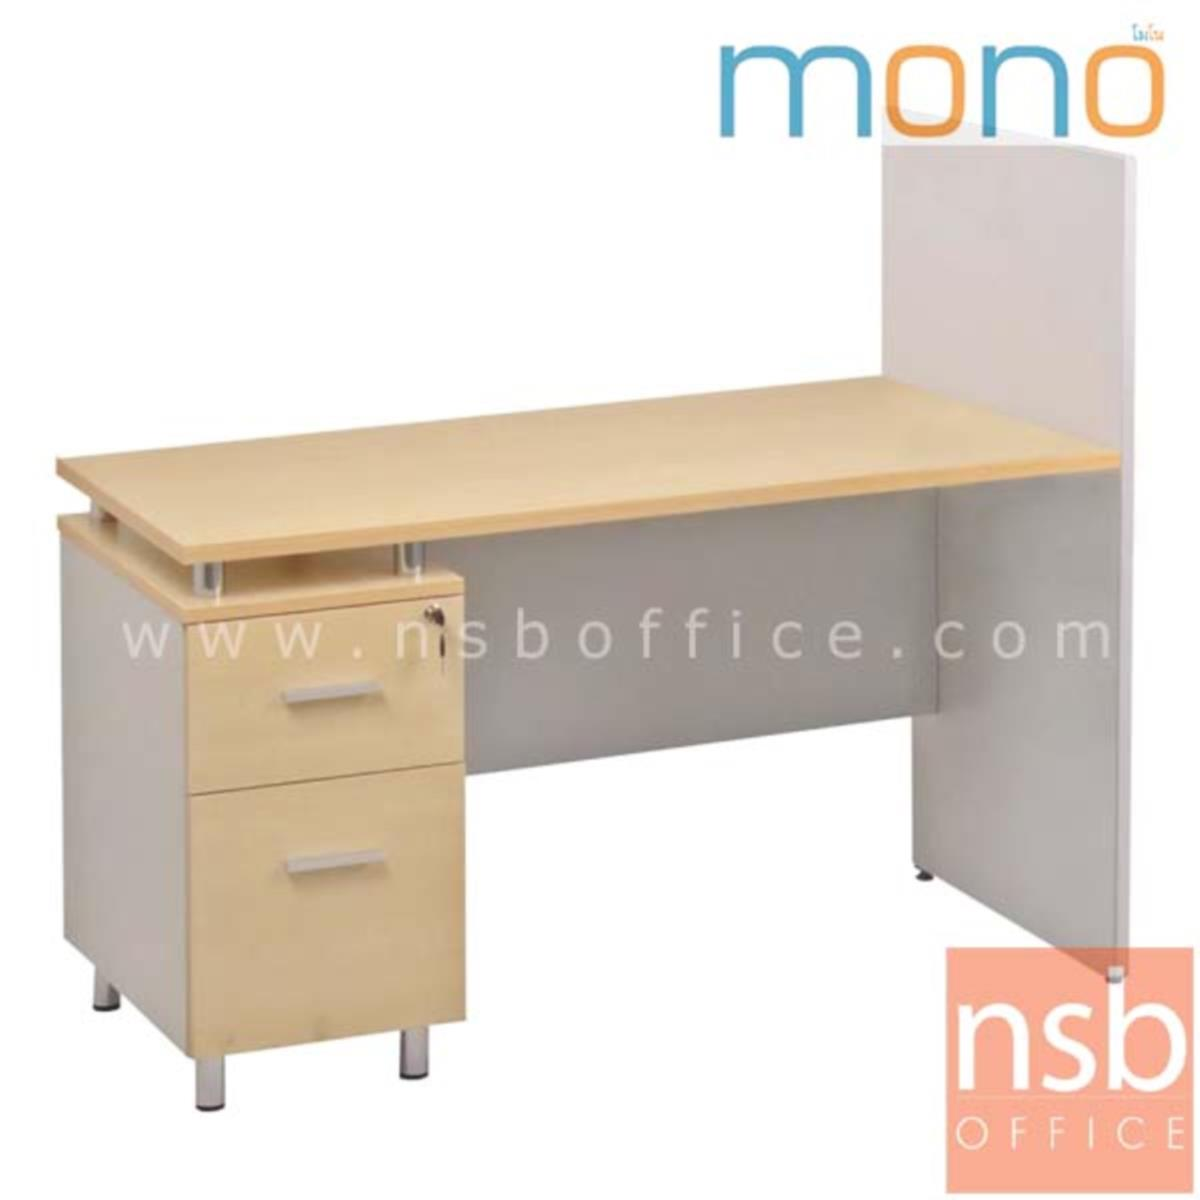 โต๊ะทำงาน 2 ลิ้นชัก  รุ่น MN-WYT1216 ขนาด 120W ,160W cm.  พร้อมแผ่นไม้กั้นข้างโต๊ะ